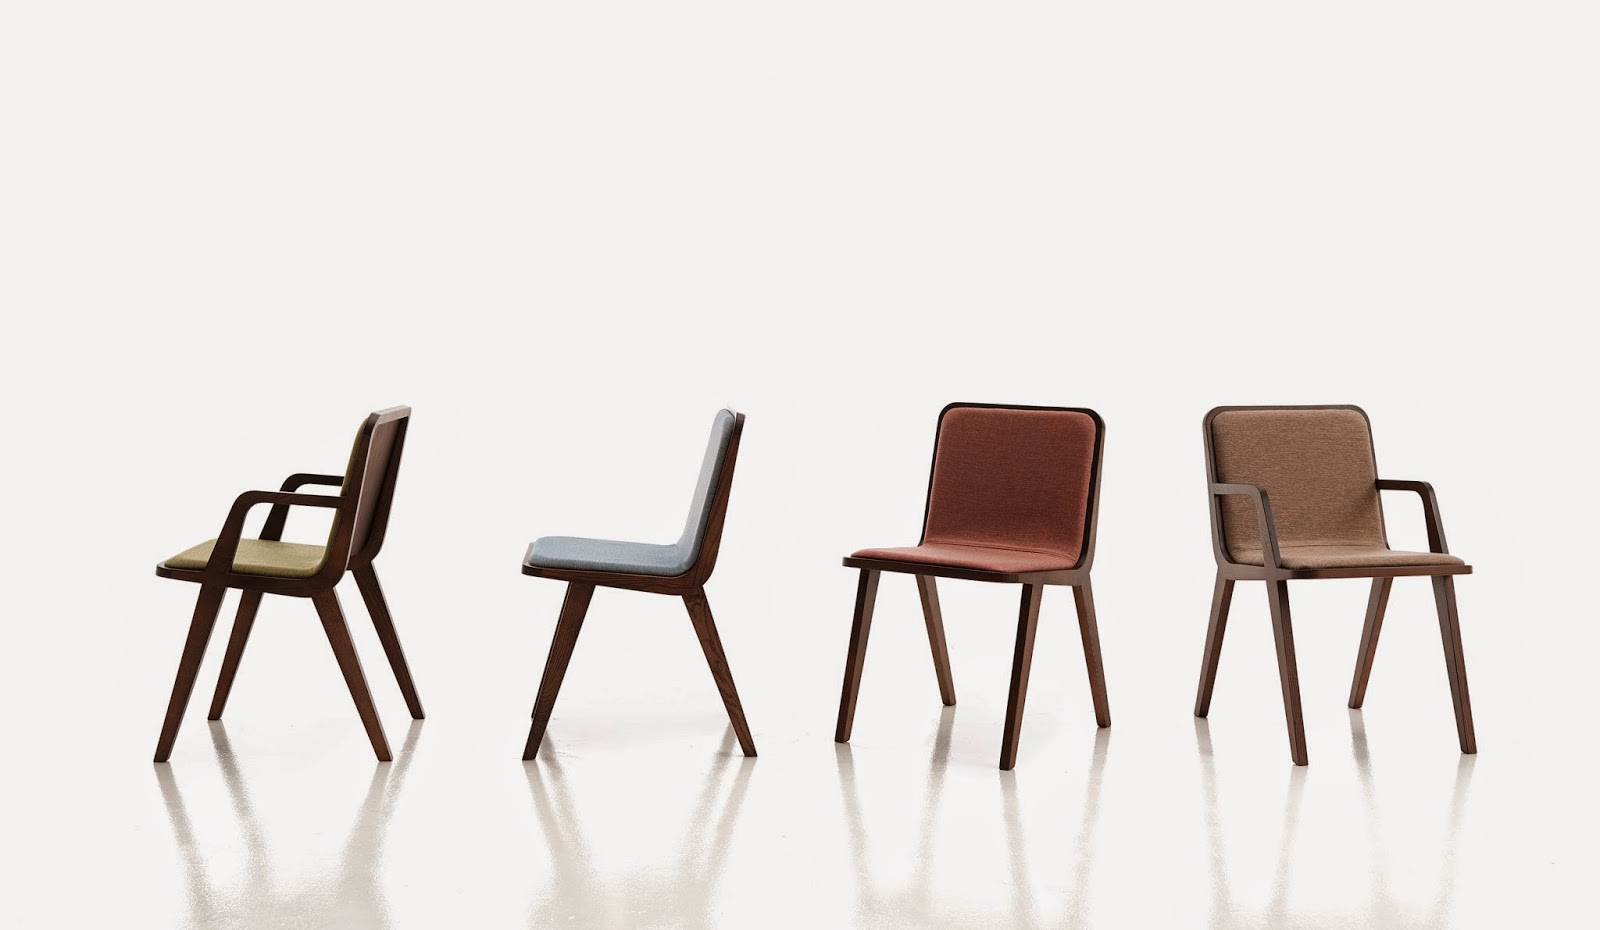 Sergio cordero sillas y sillones nordic - Sillas y sillones ...